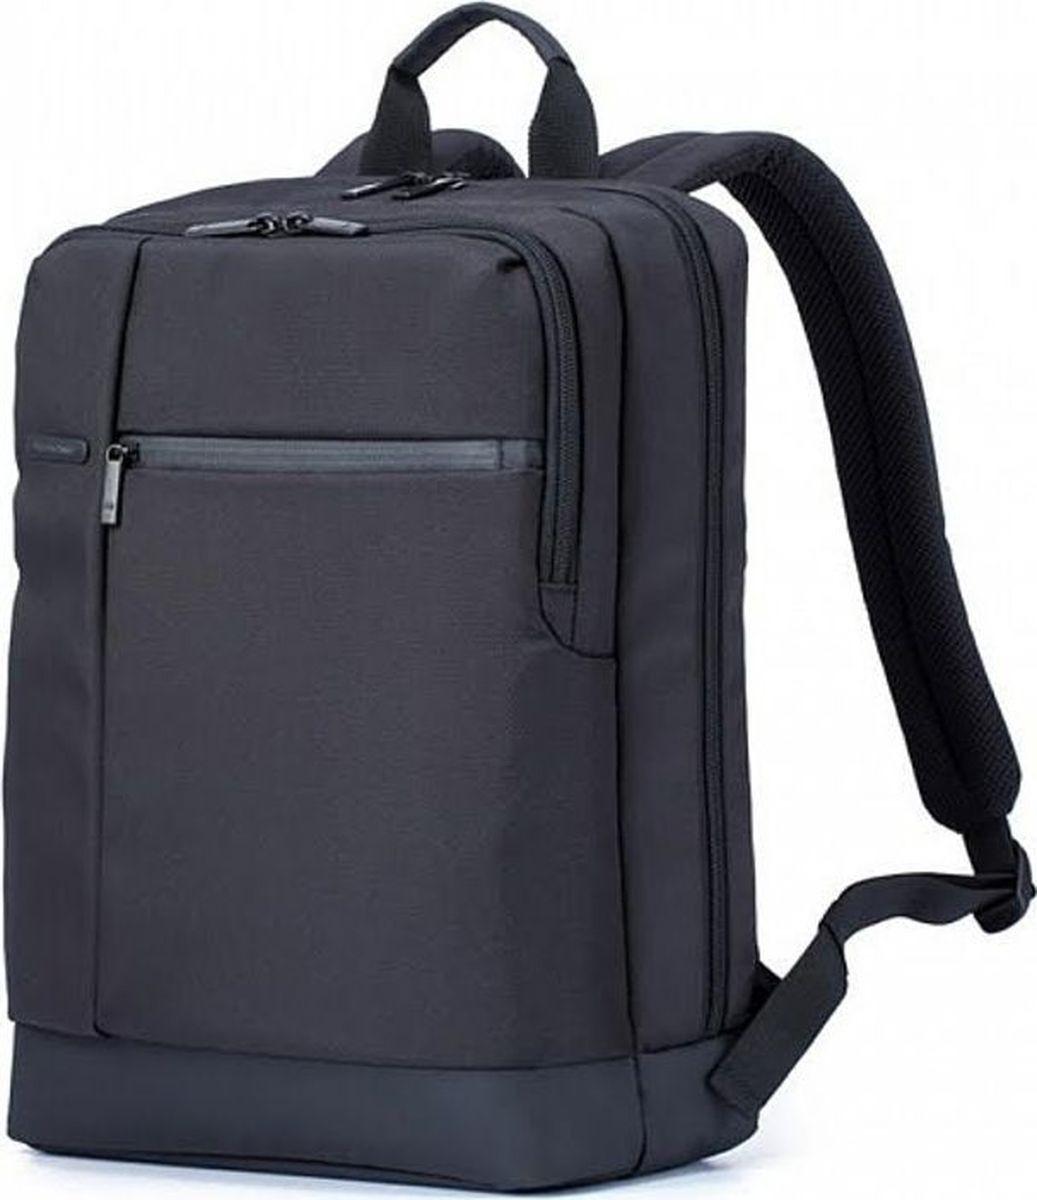 Чехол для ноутбука Xiaomi Рюкзак для ноутбука Mi Classik Business Backpack black, JDSW01RM Black рюкзак xiaomi mi mini backpack 10l light blue